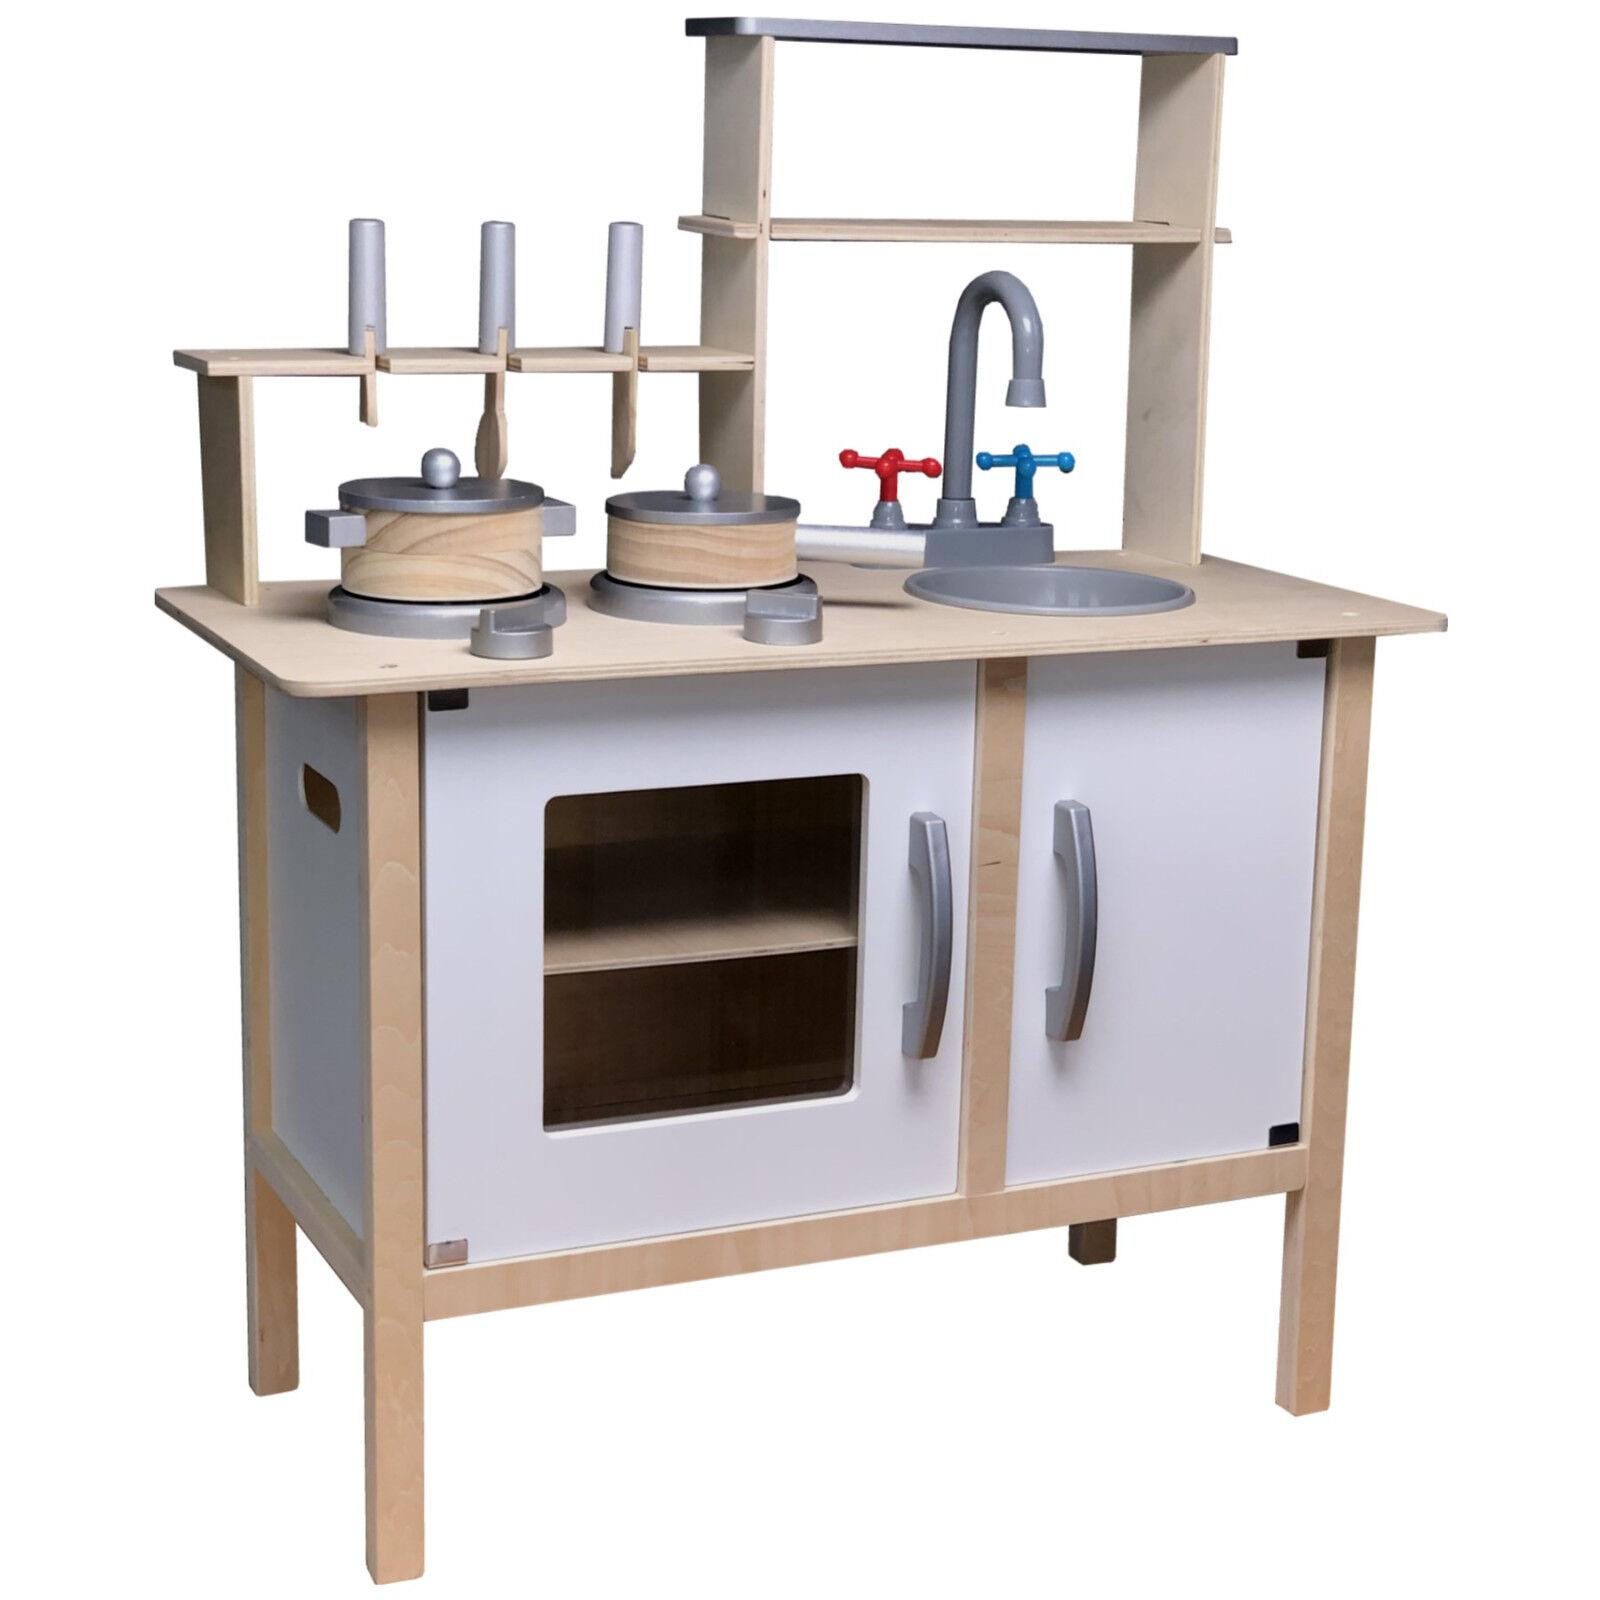 Moderne Spielküche für Kinder Spielküche Spielzeugküche Kinderküche